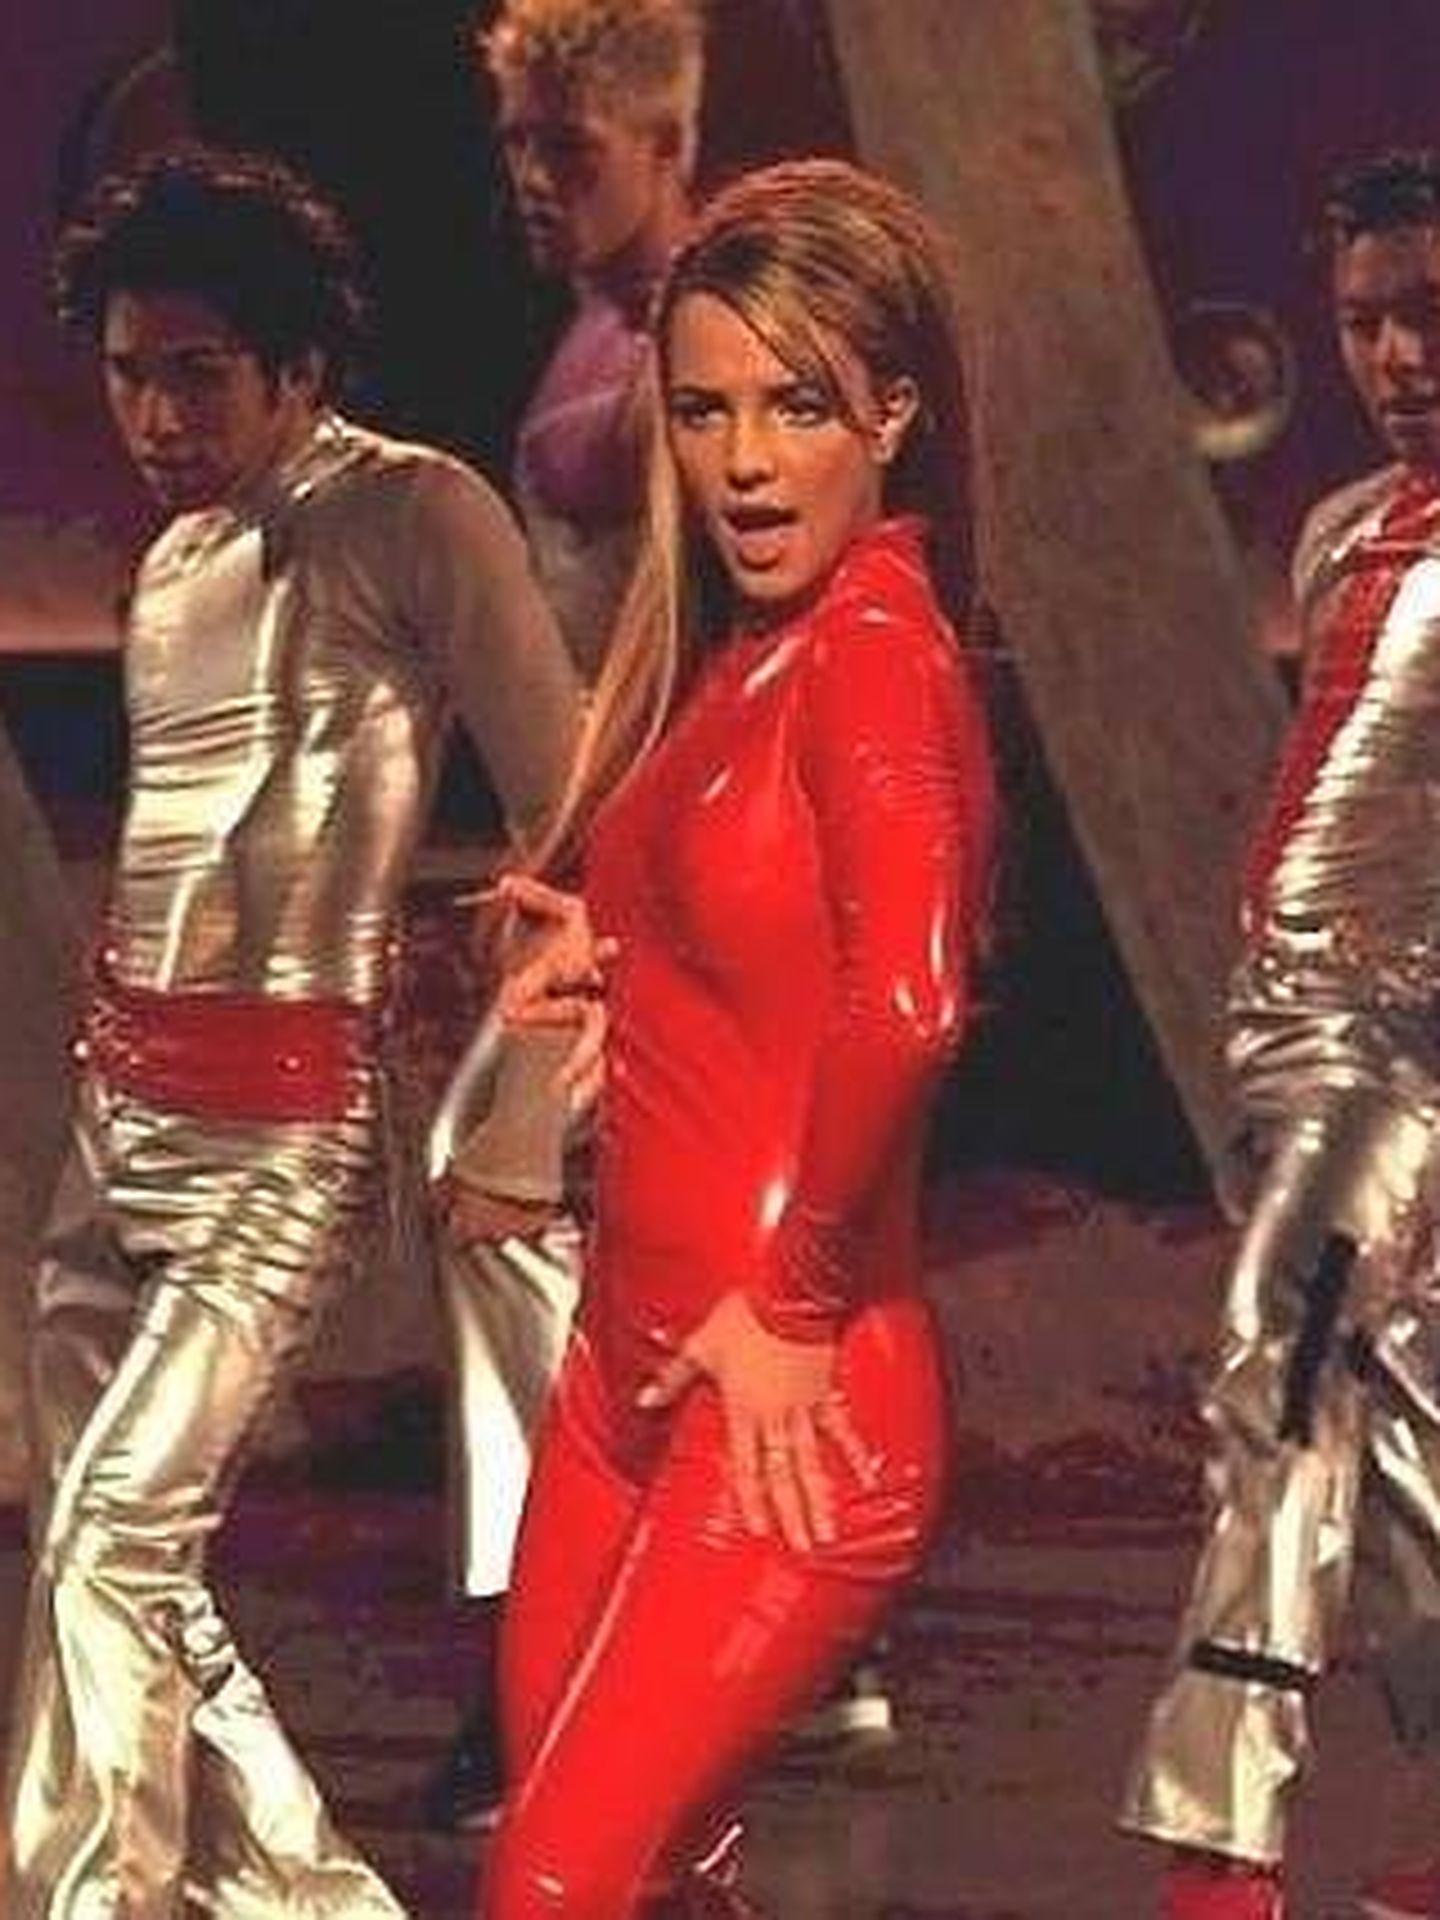 Britney Spears en una imagen del videoclip con el mono de látex. (Instagram)